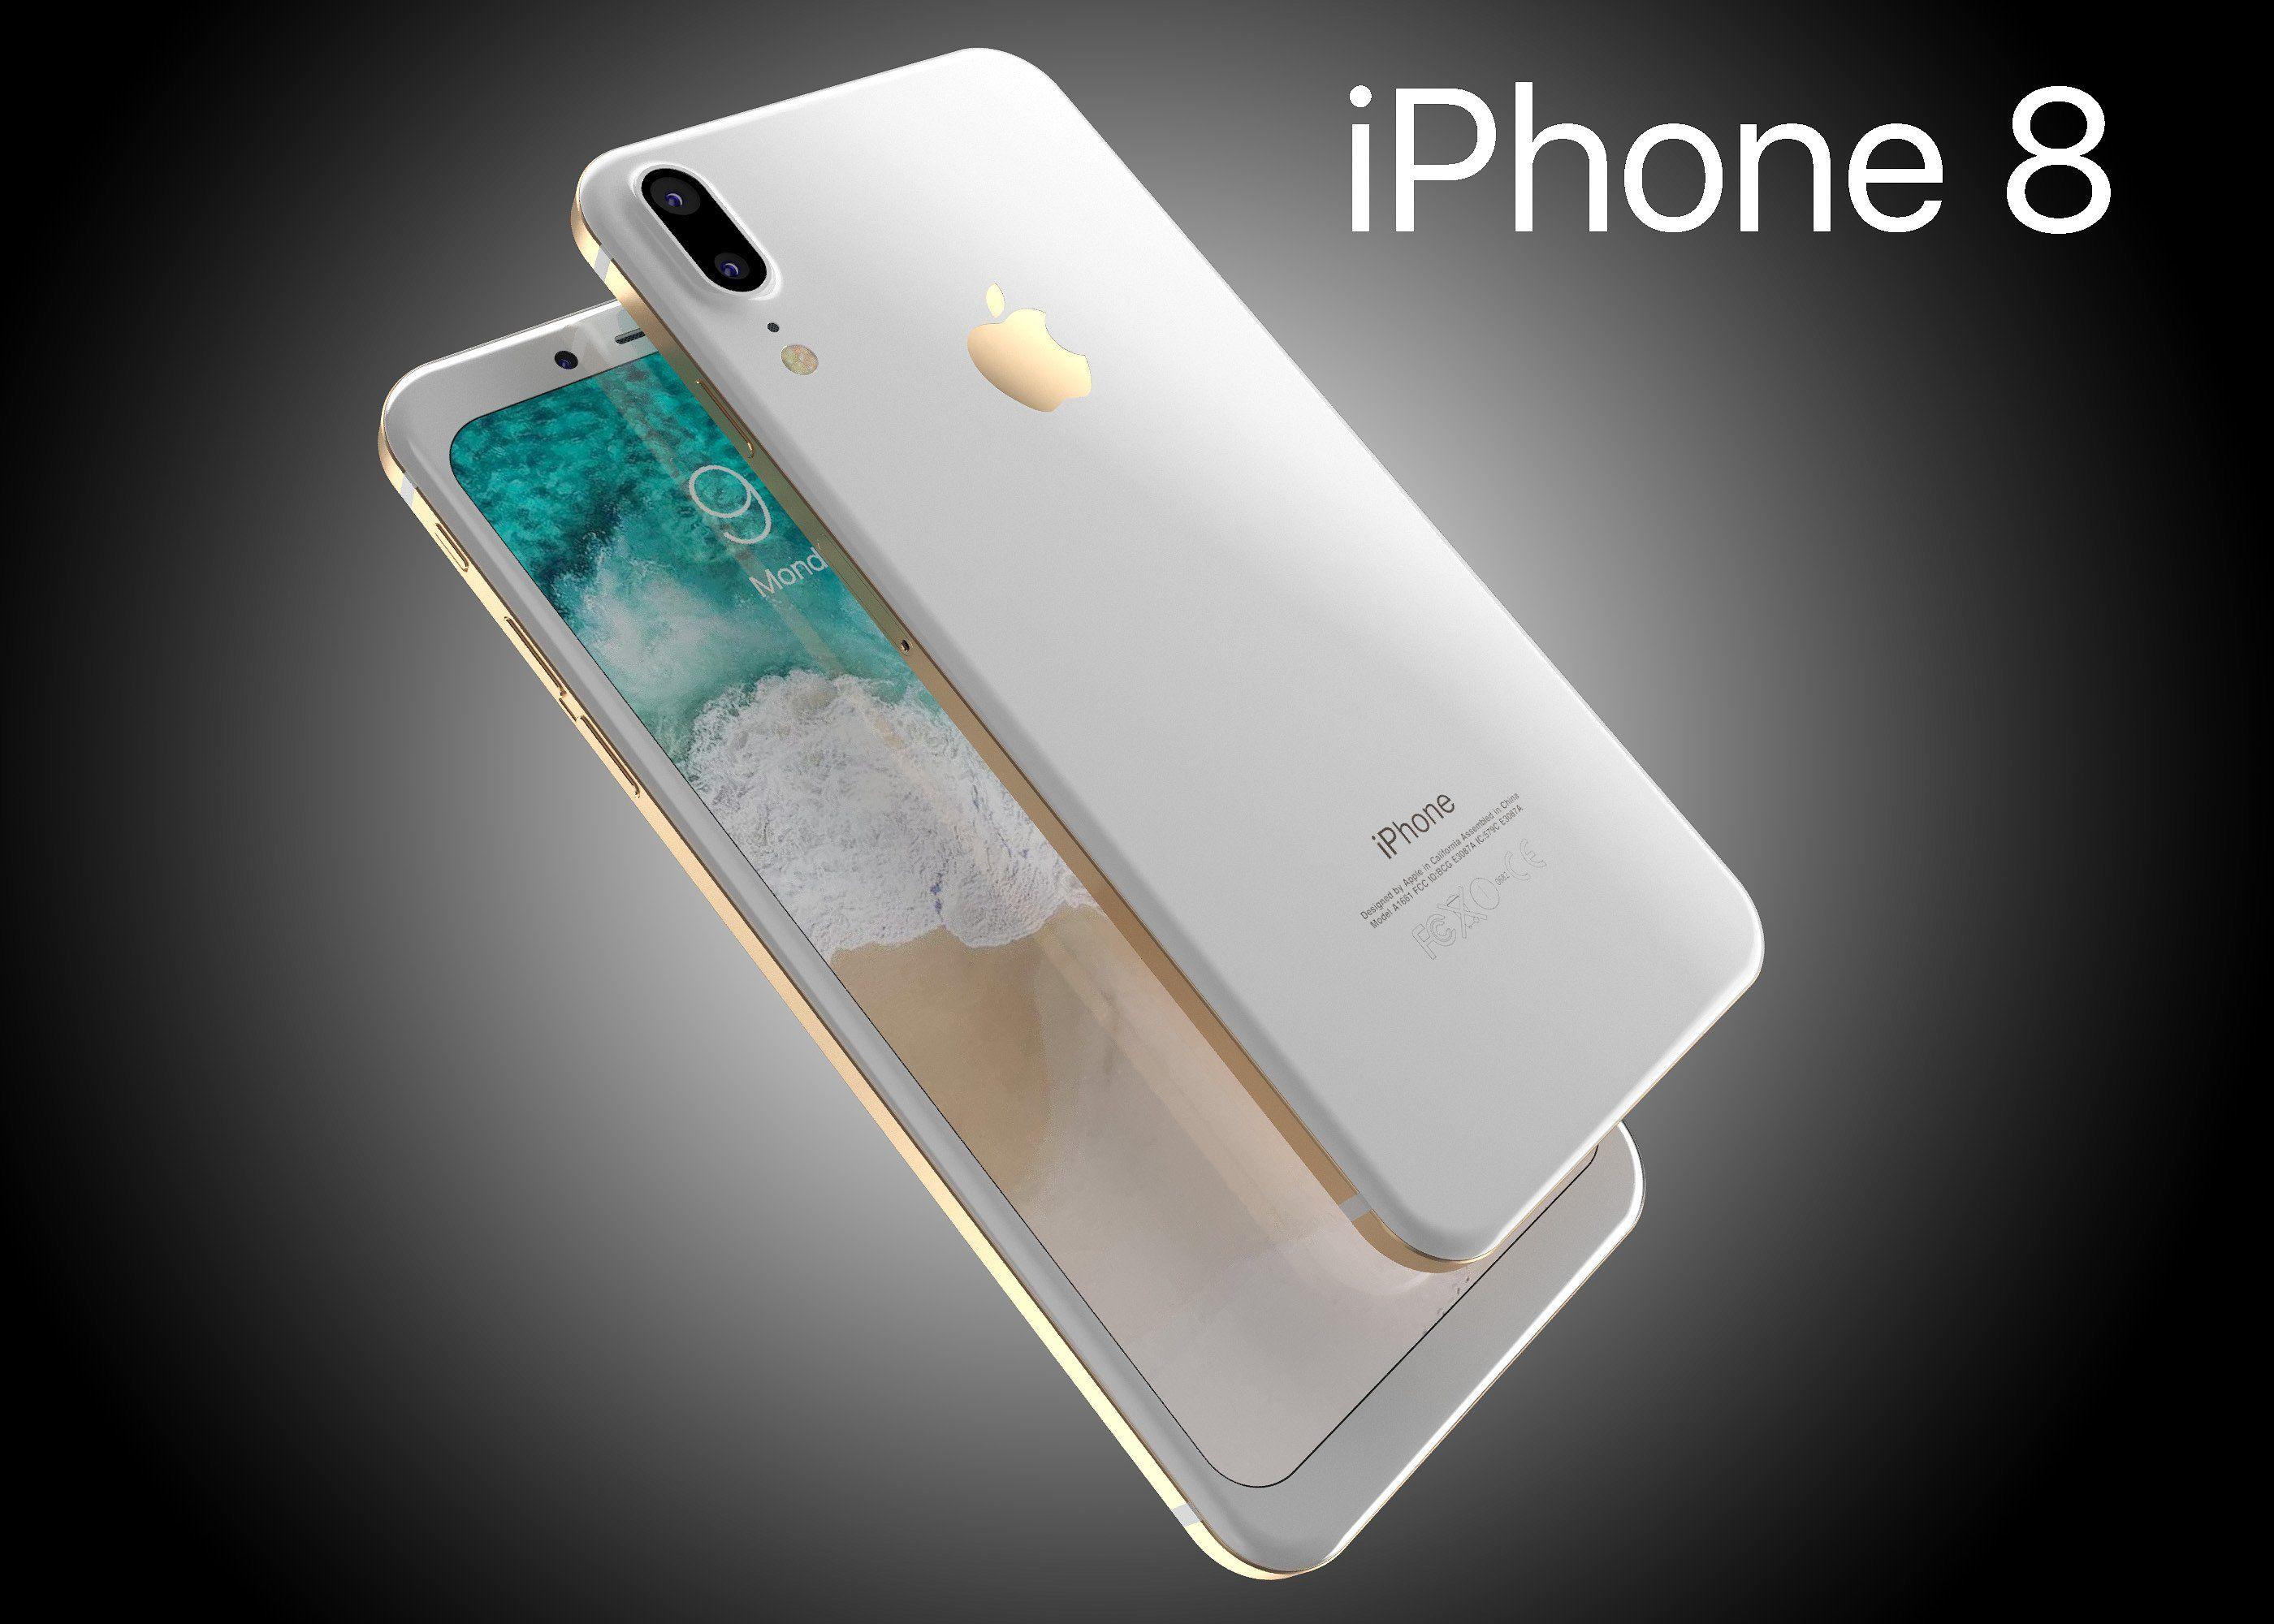 iphone 8 a1661